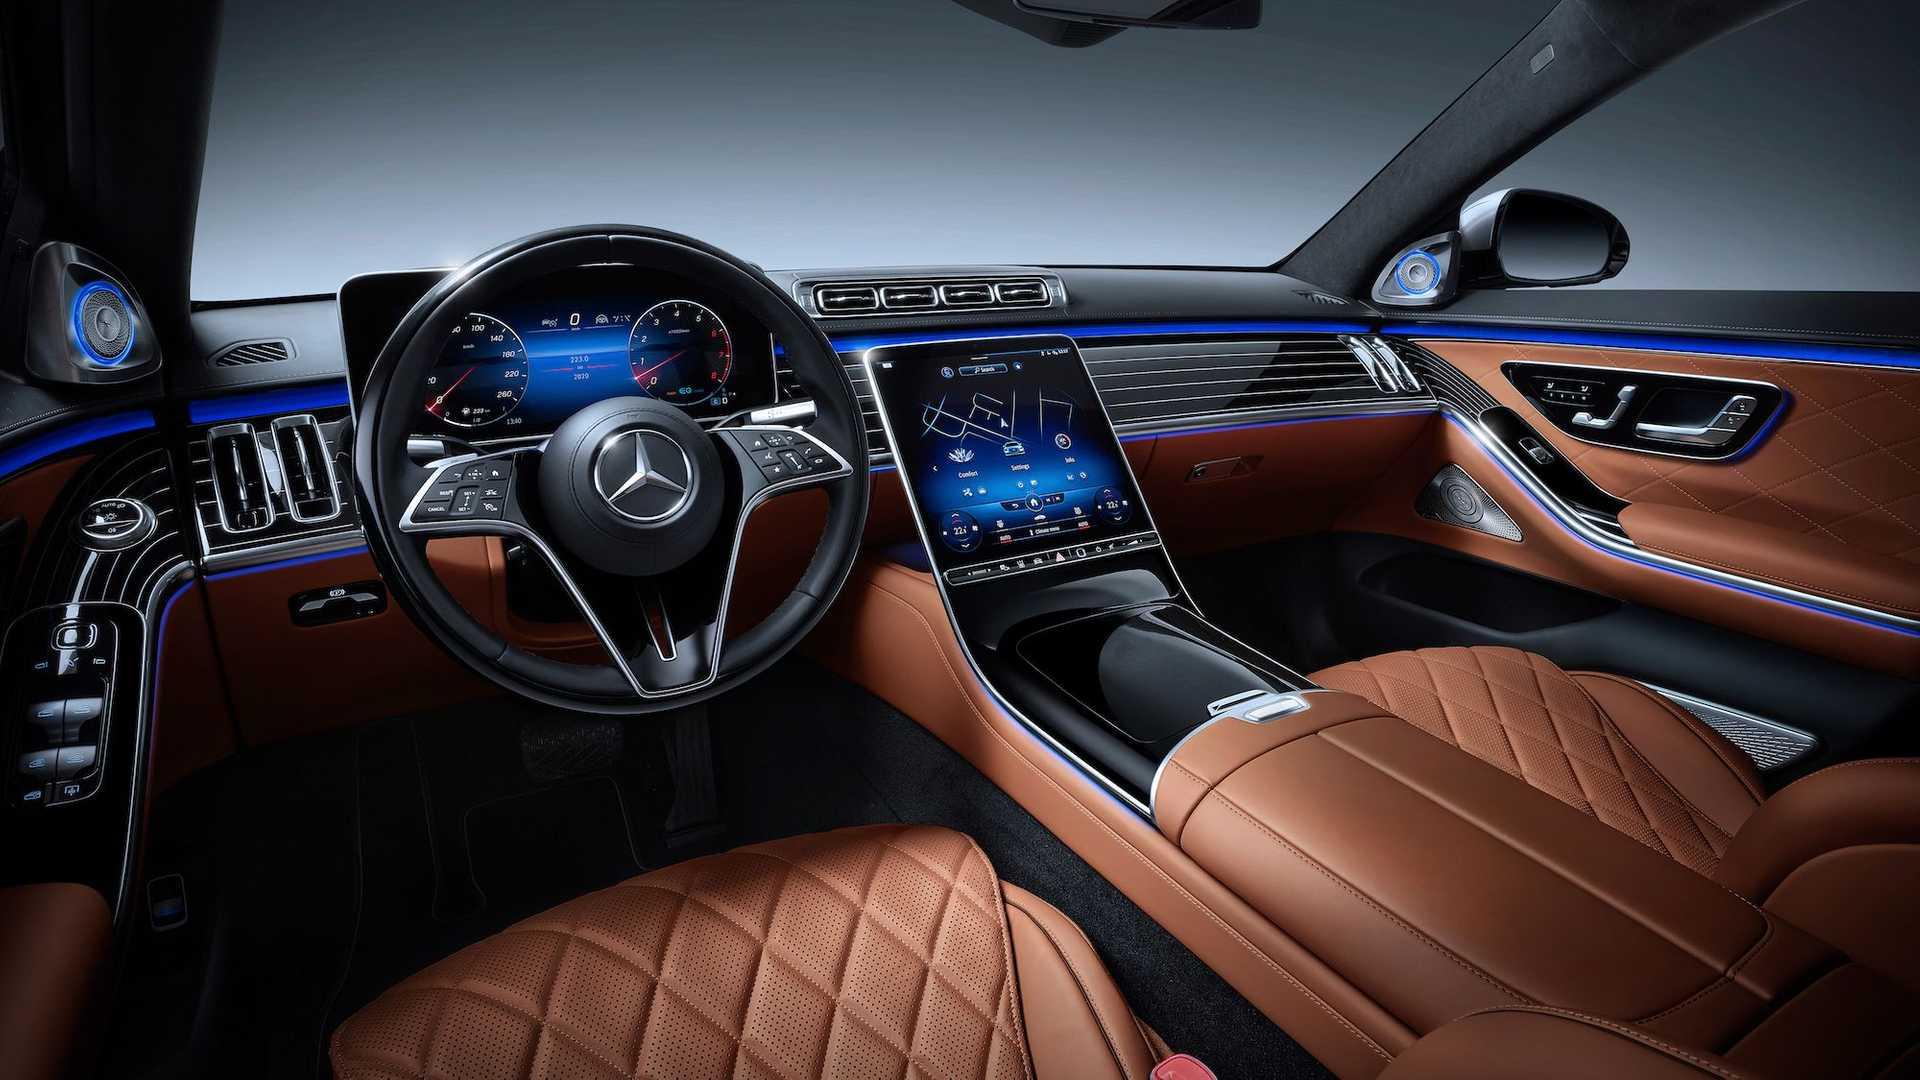 Mercedes S-Class مرسدس بنز کلاس S کابین